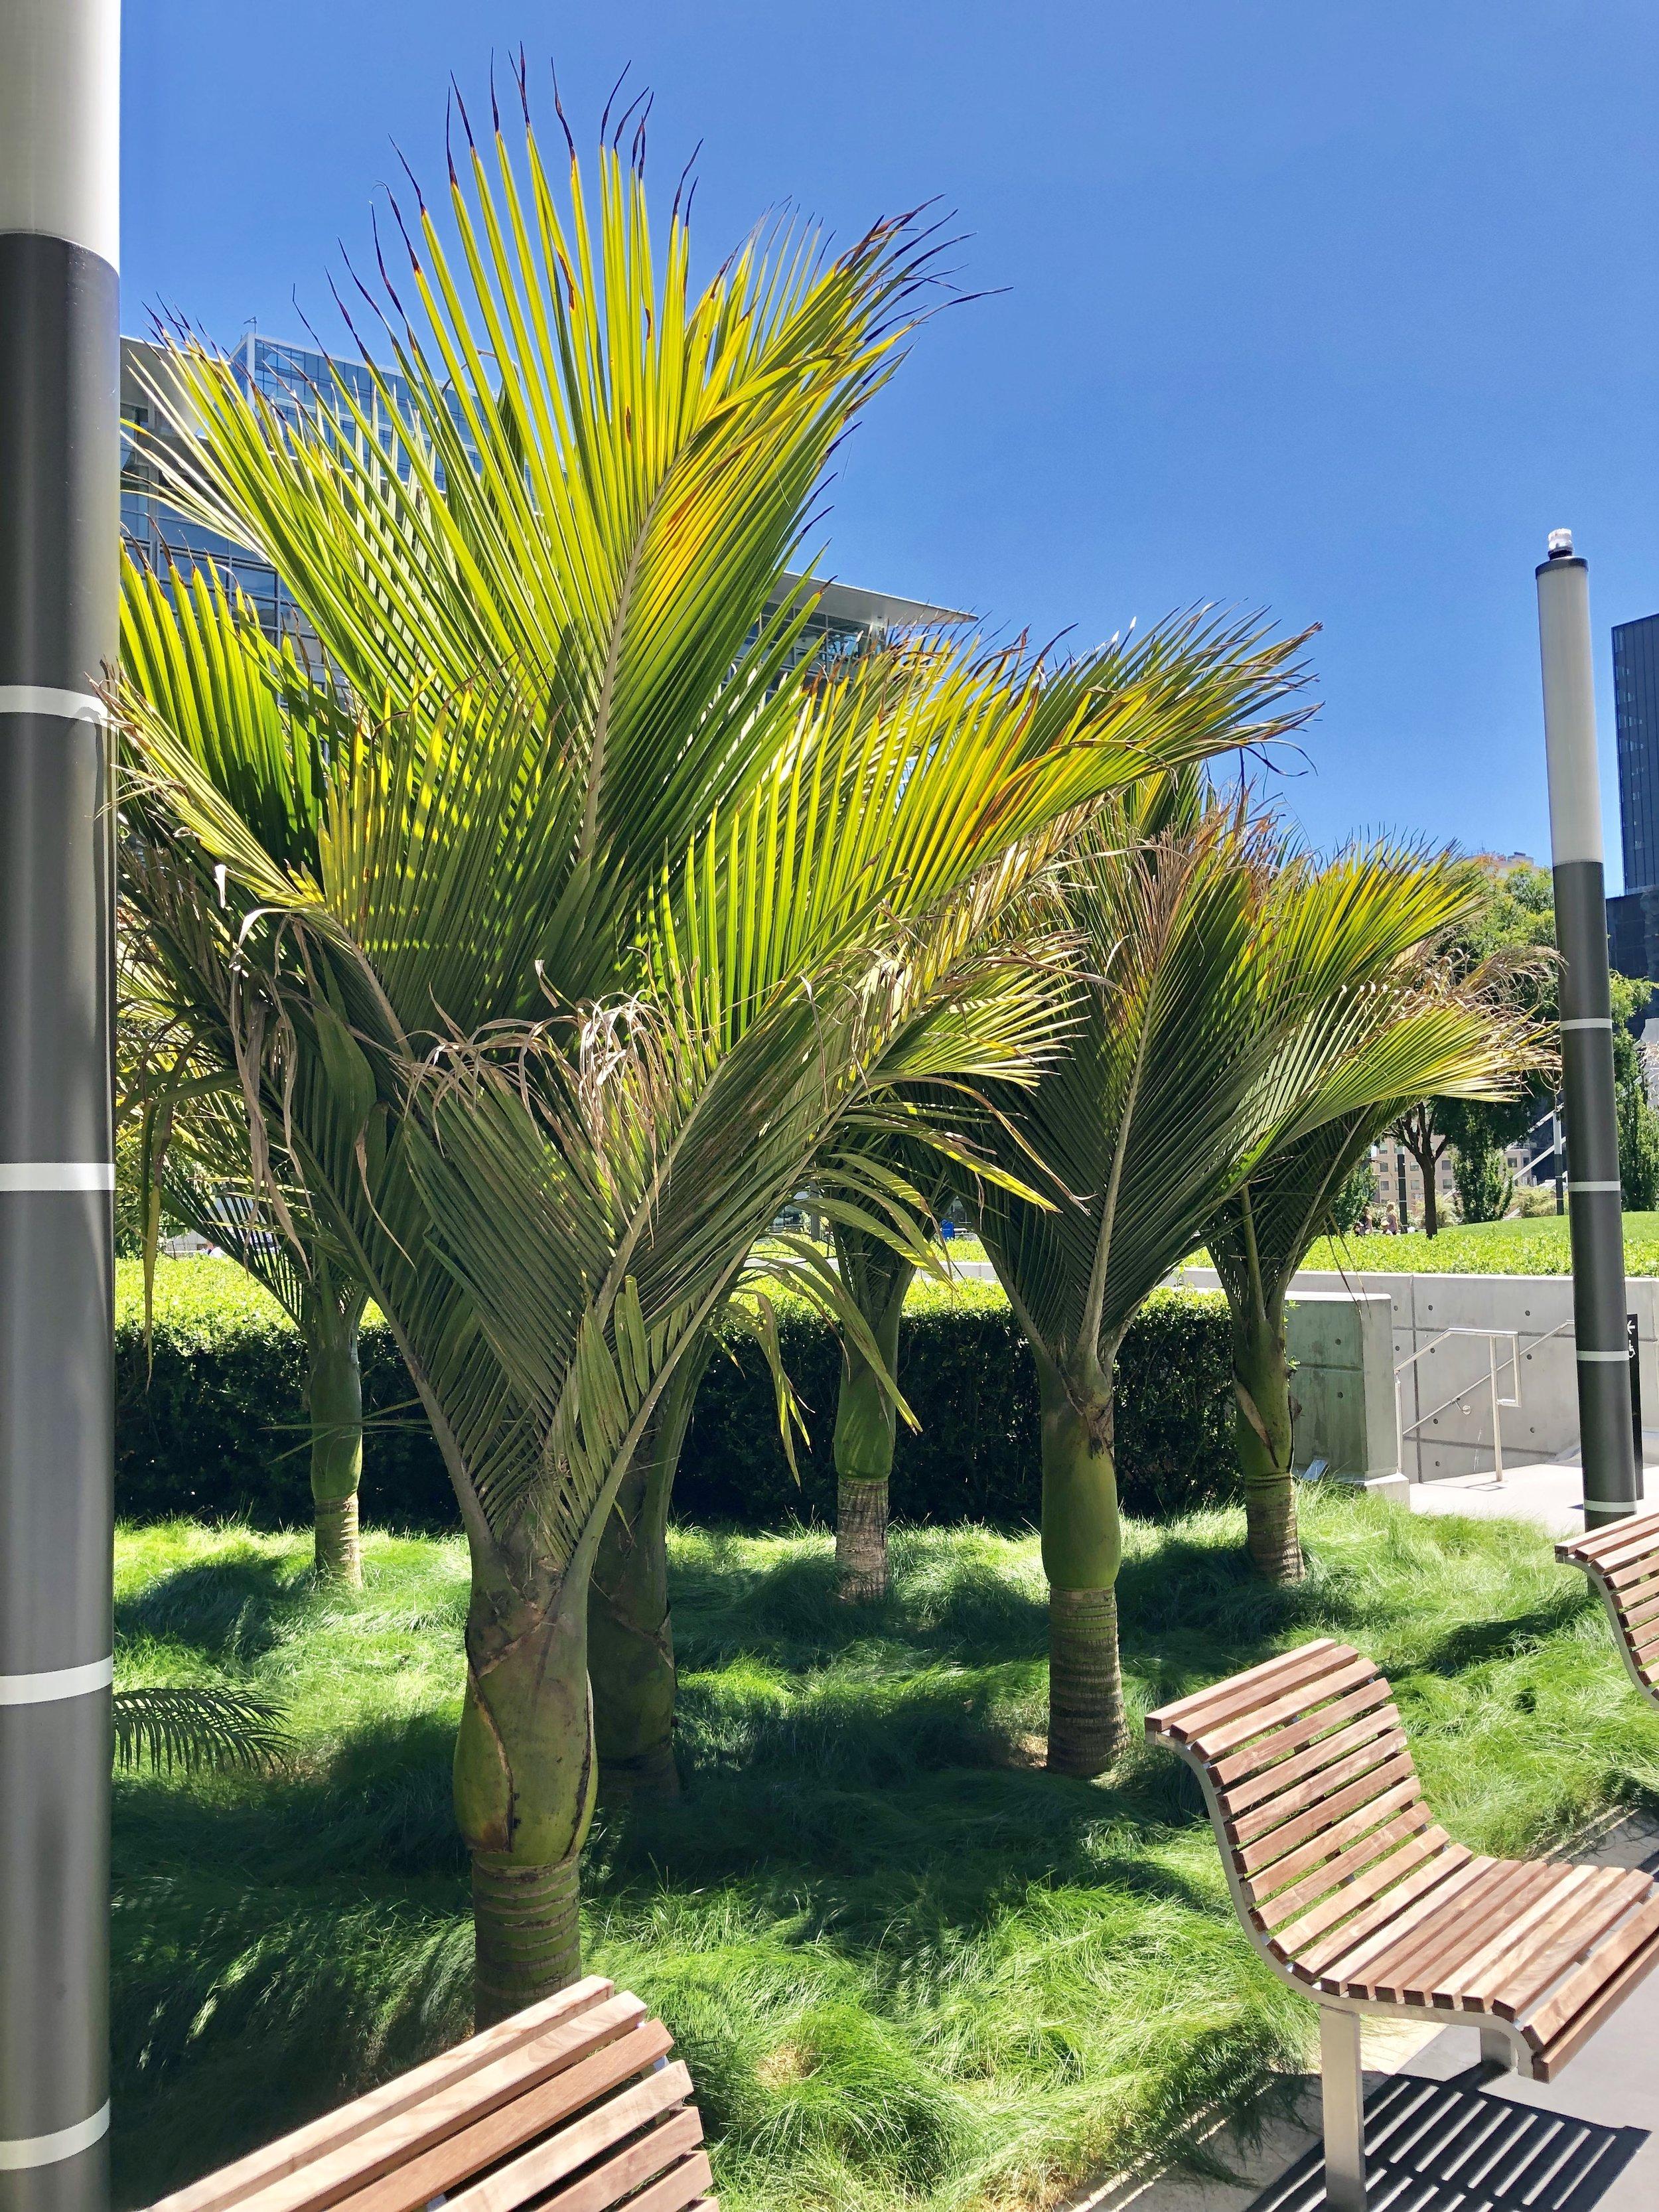 Nikau palms from New Zealand